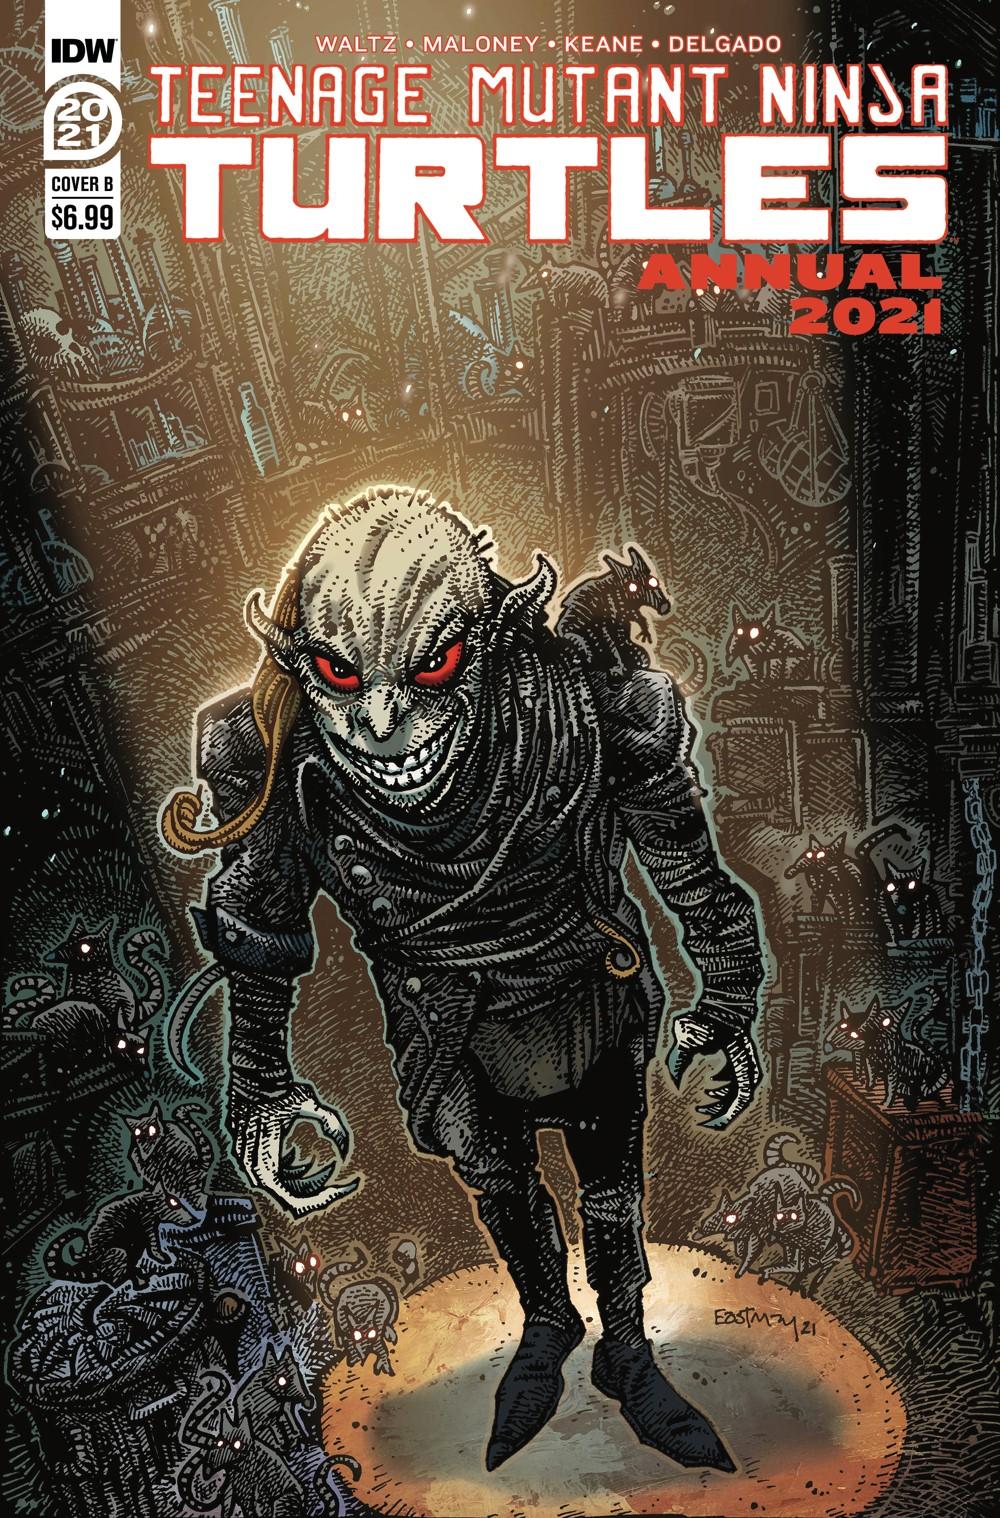 TMNT-Annual2021_cvrB ComicList Previews: TEENAGE MUTANT NINJA TURTLES ANNUAL 2021